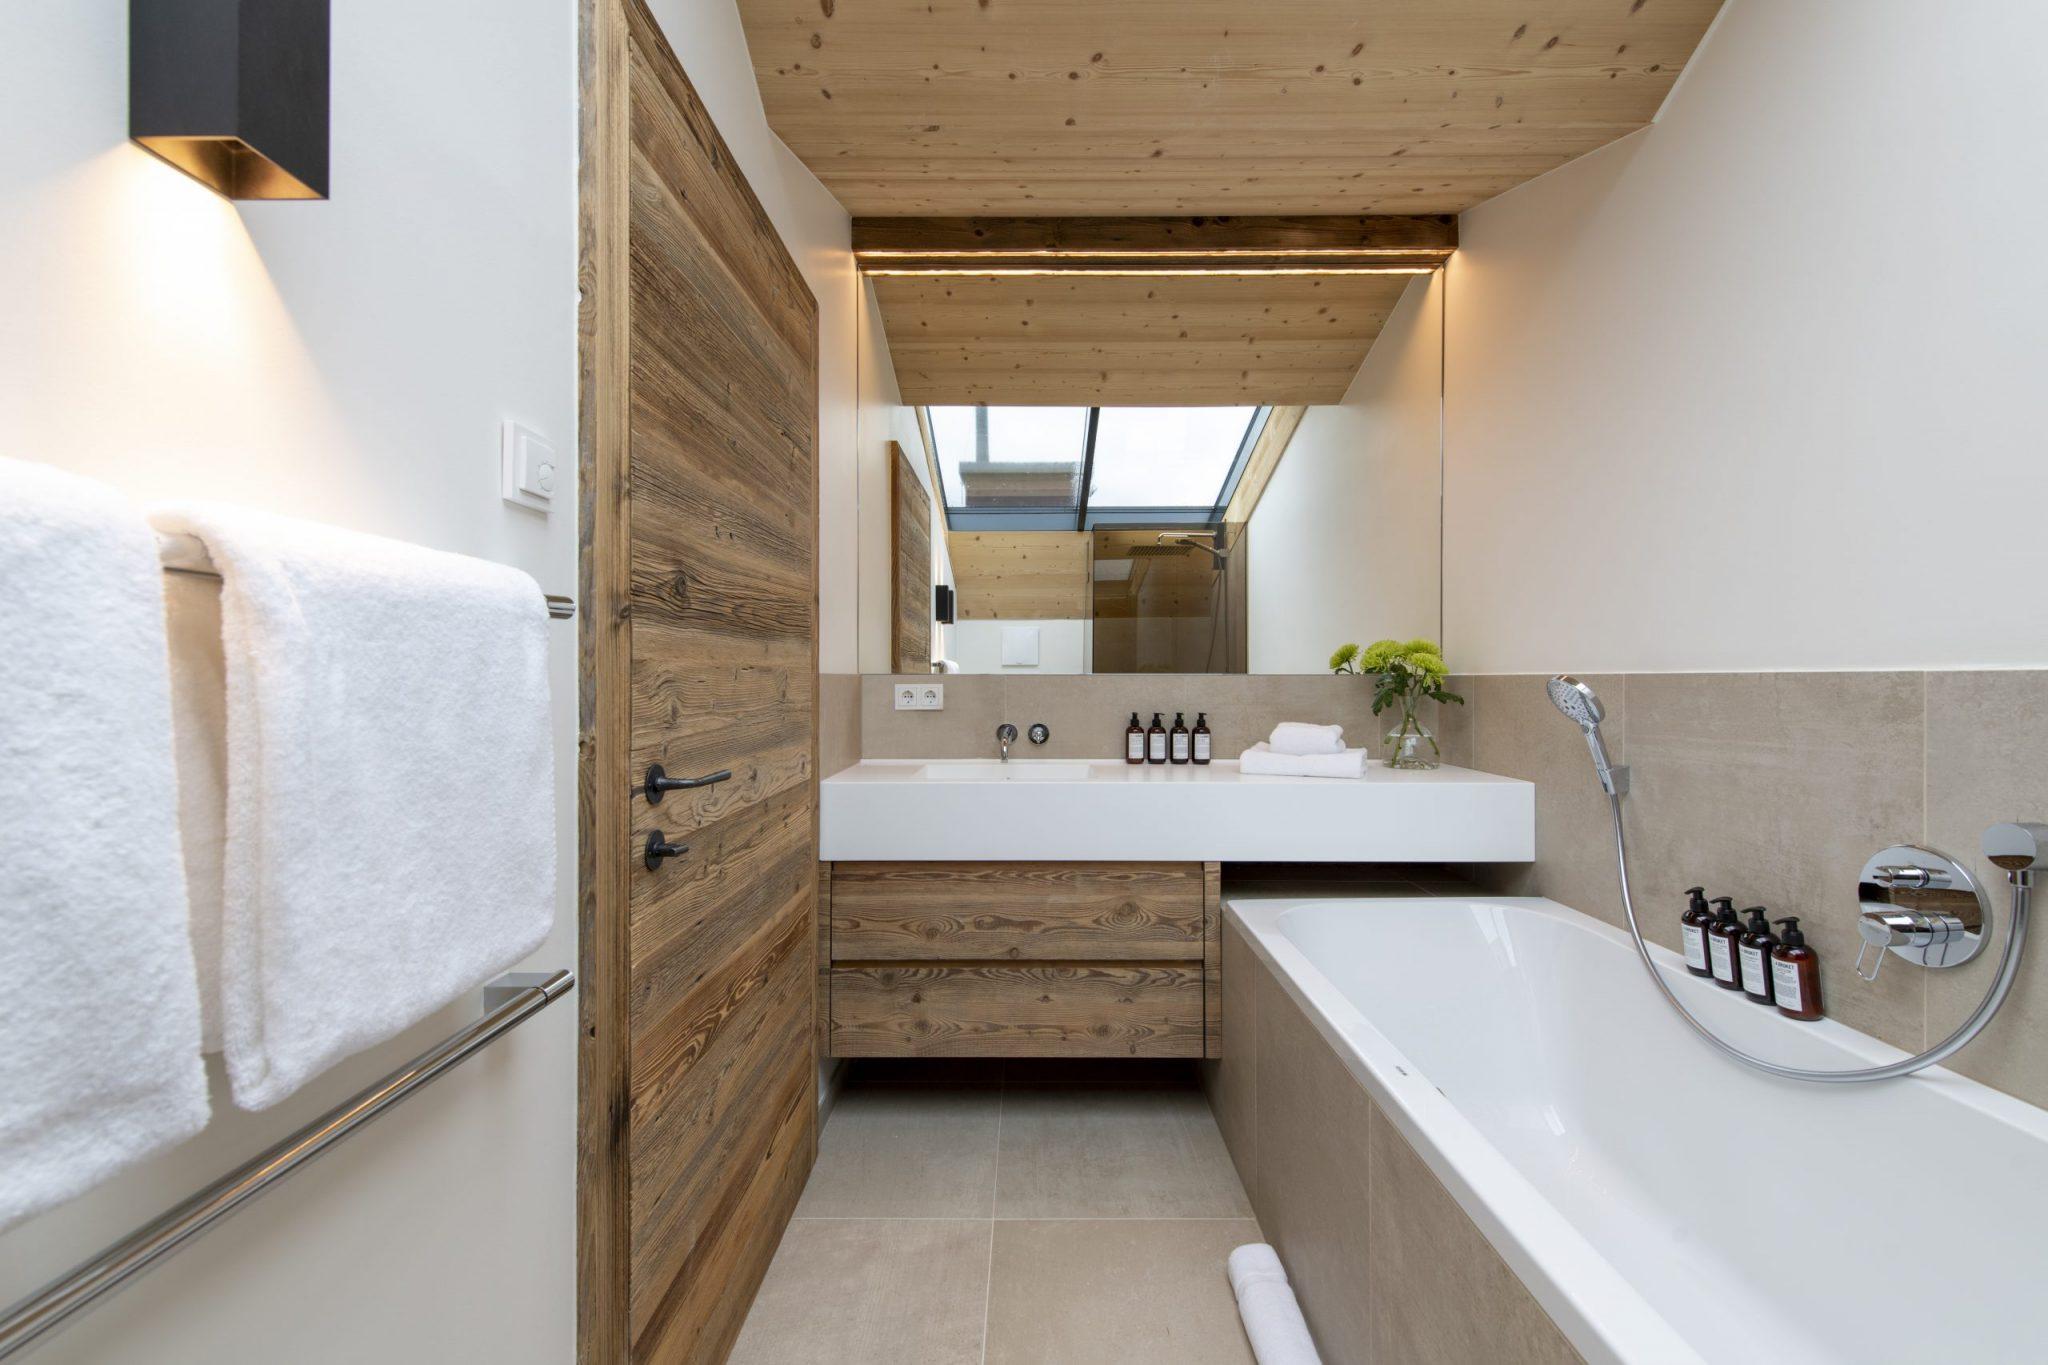 brunnenhof-13-12458-scaled